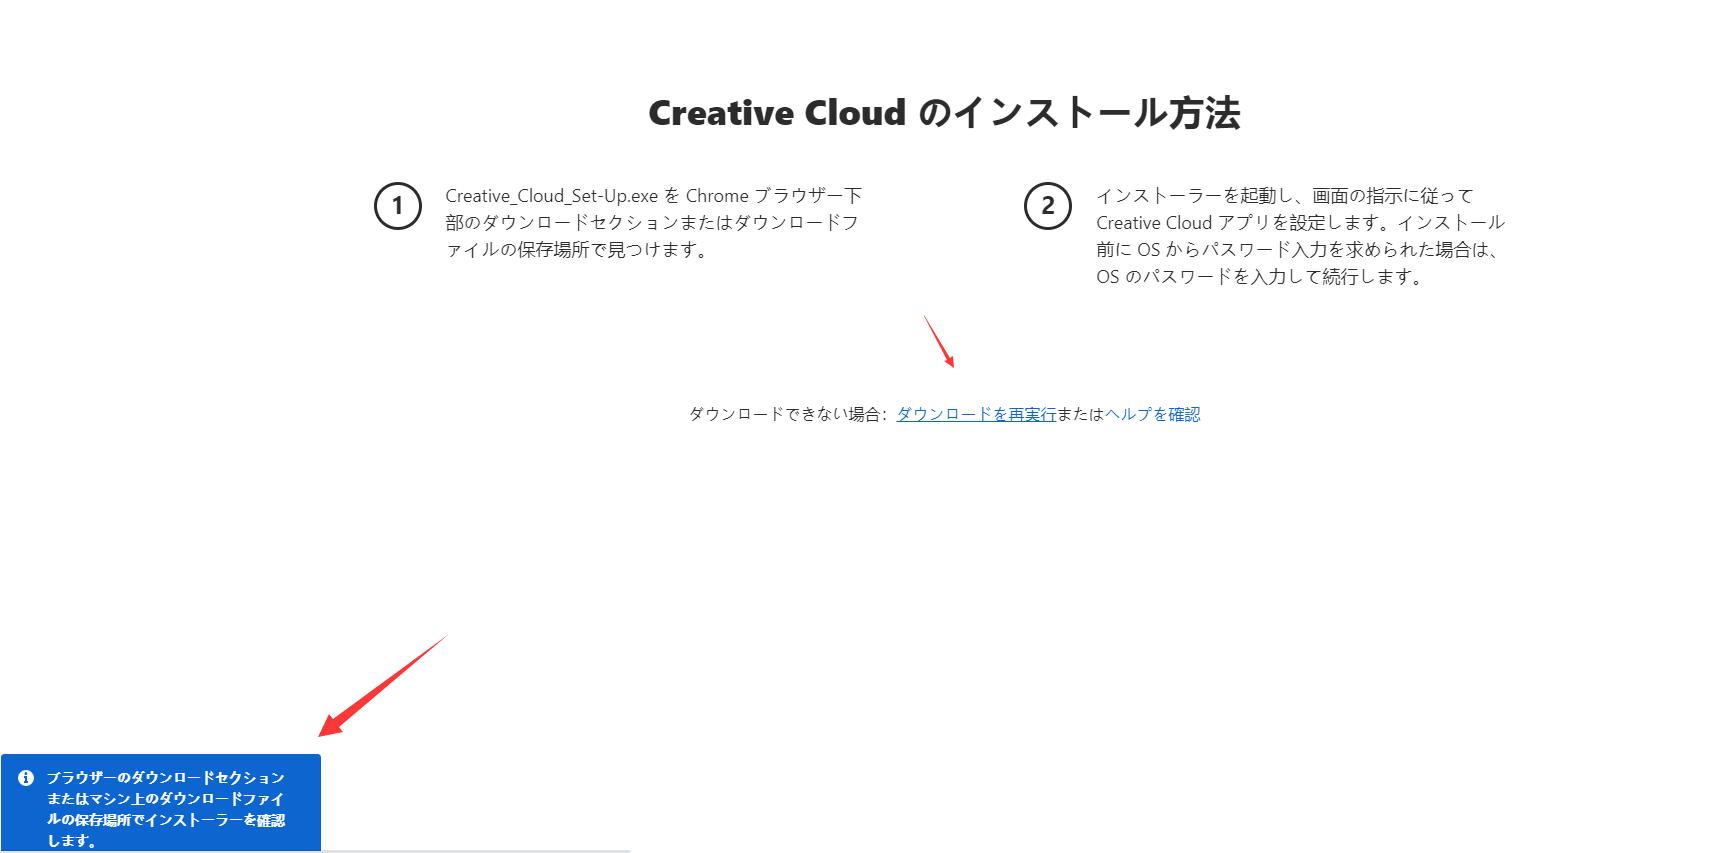 Creative Cloud デスクトップアプリケーションをダウンロードしてインストールする方法について説明します。-windows 版-1